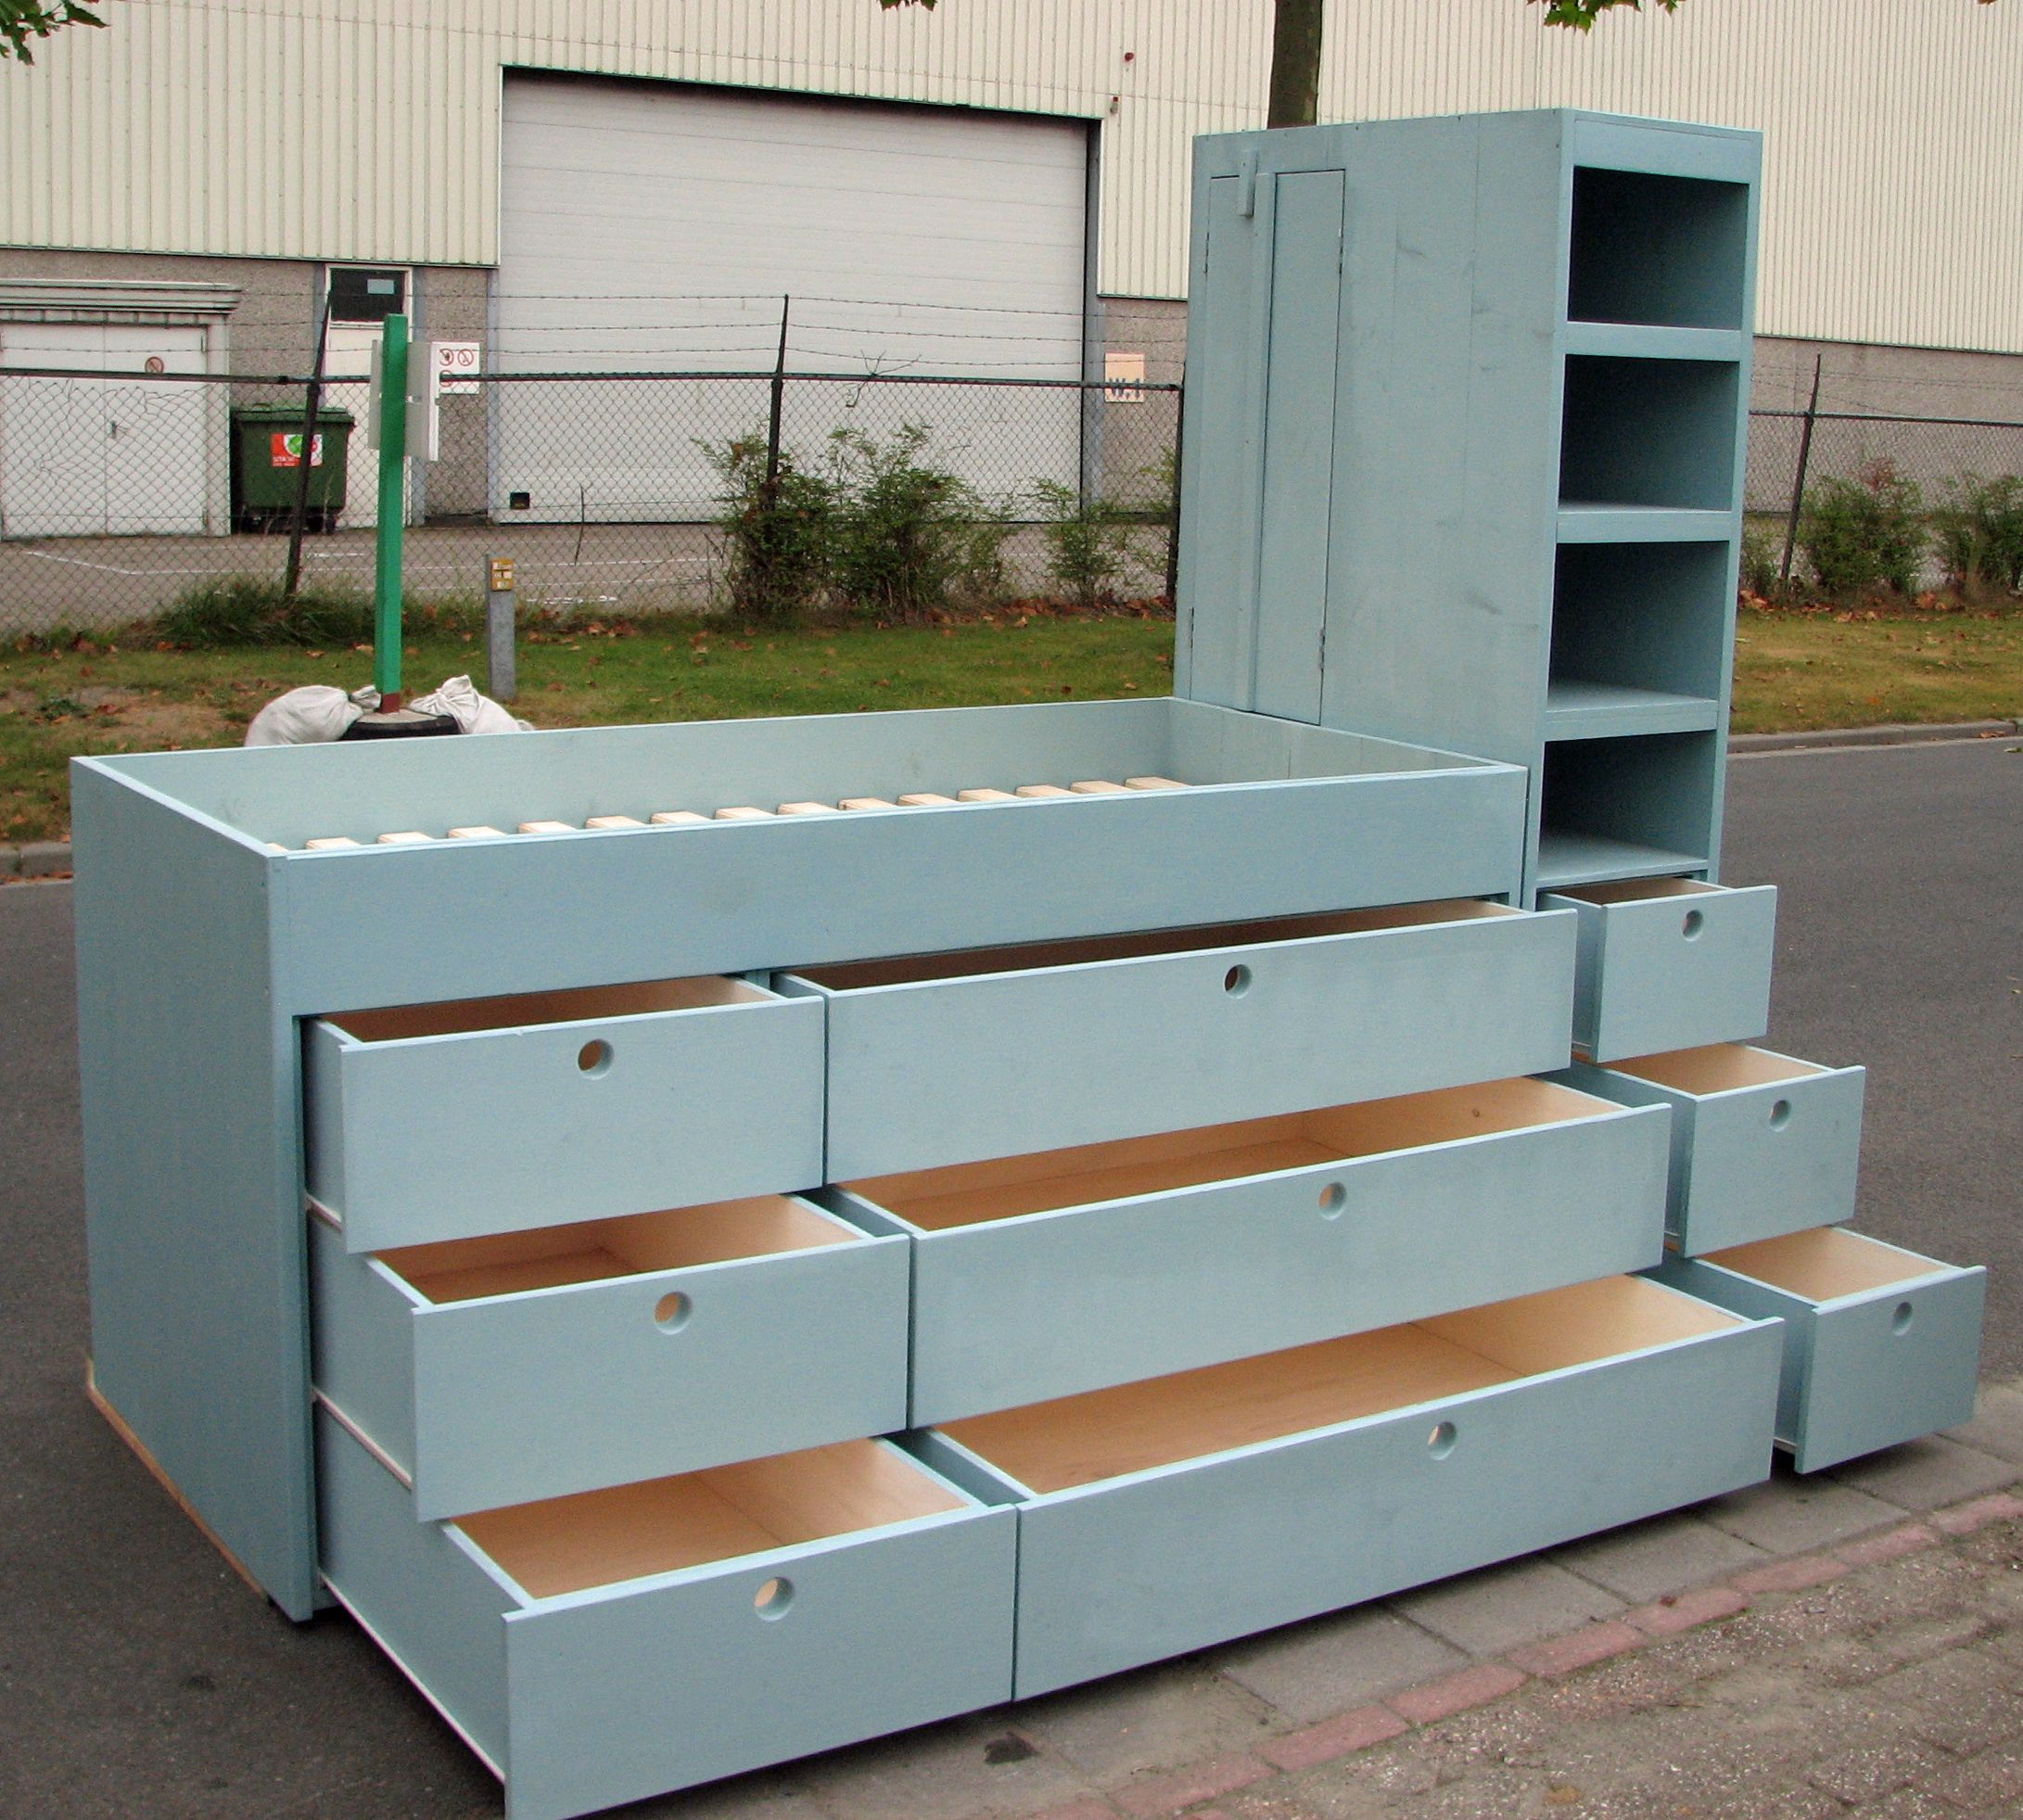 half hoogslaperbed met lade kast en boekenkast aan de zijkant de ideale kast voor een